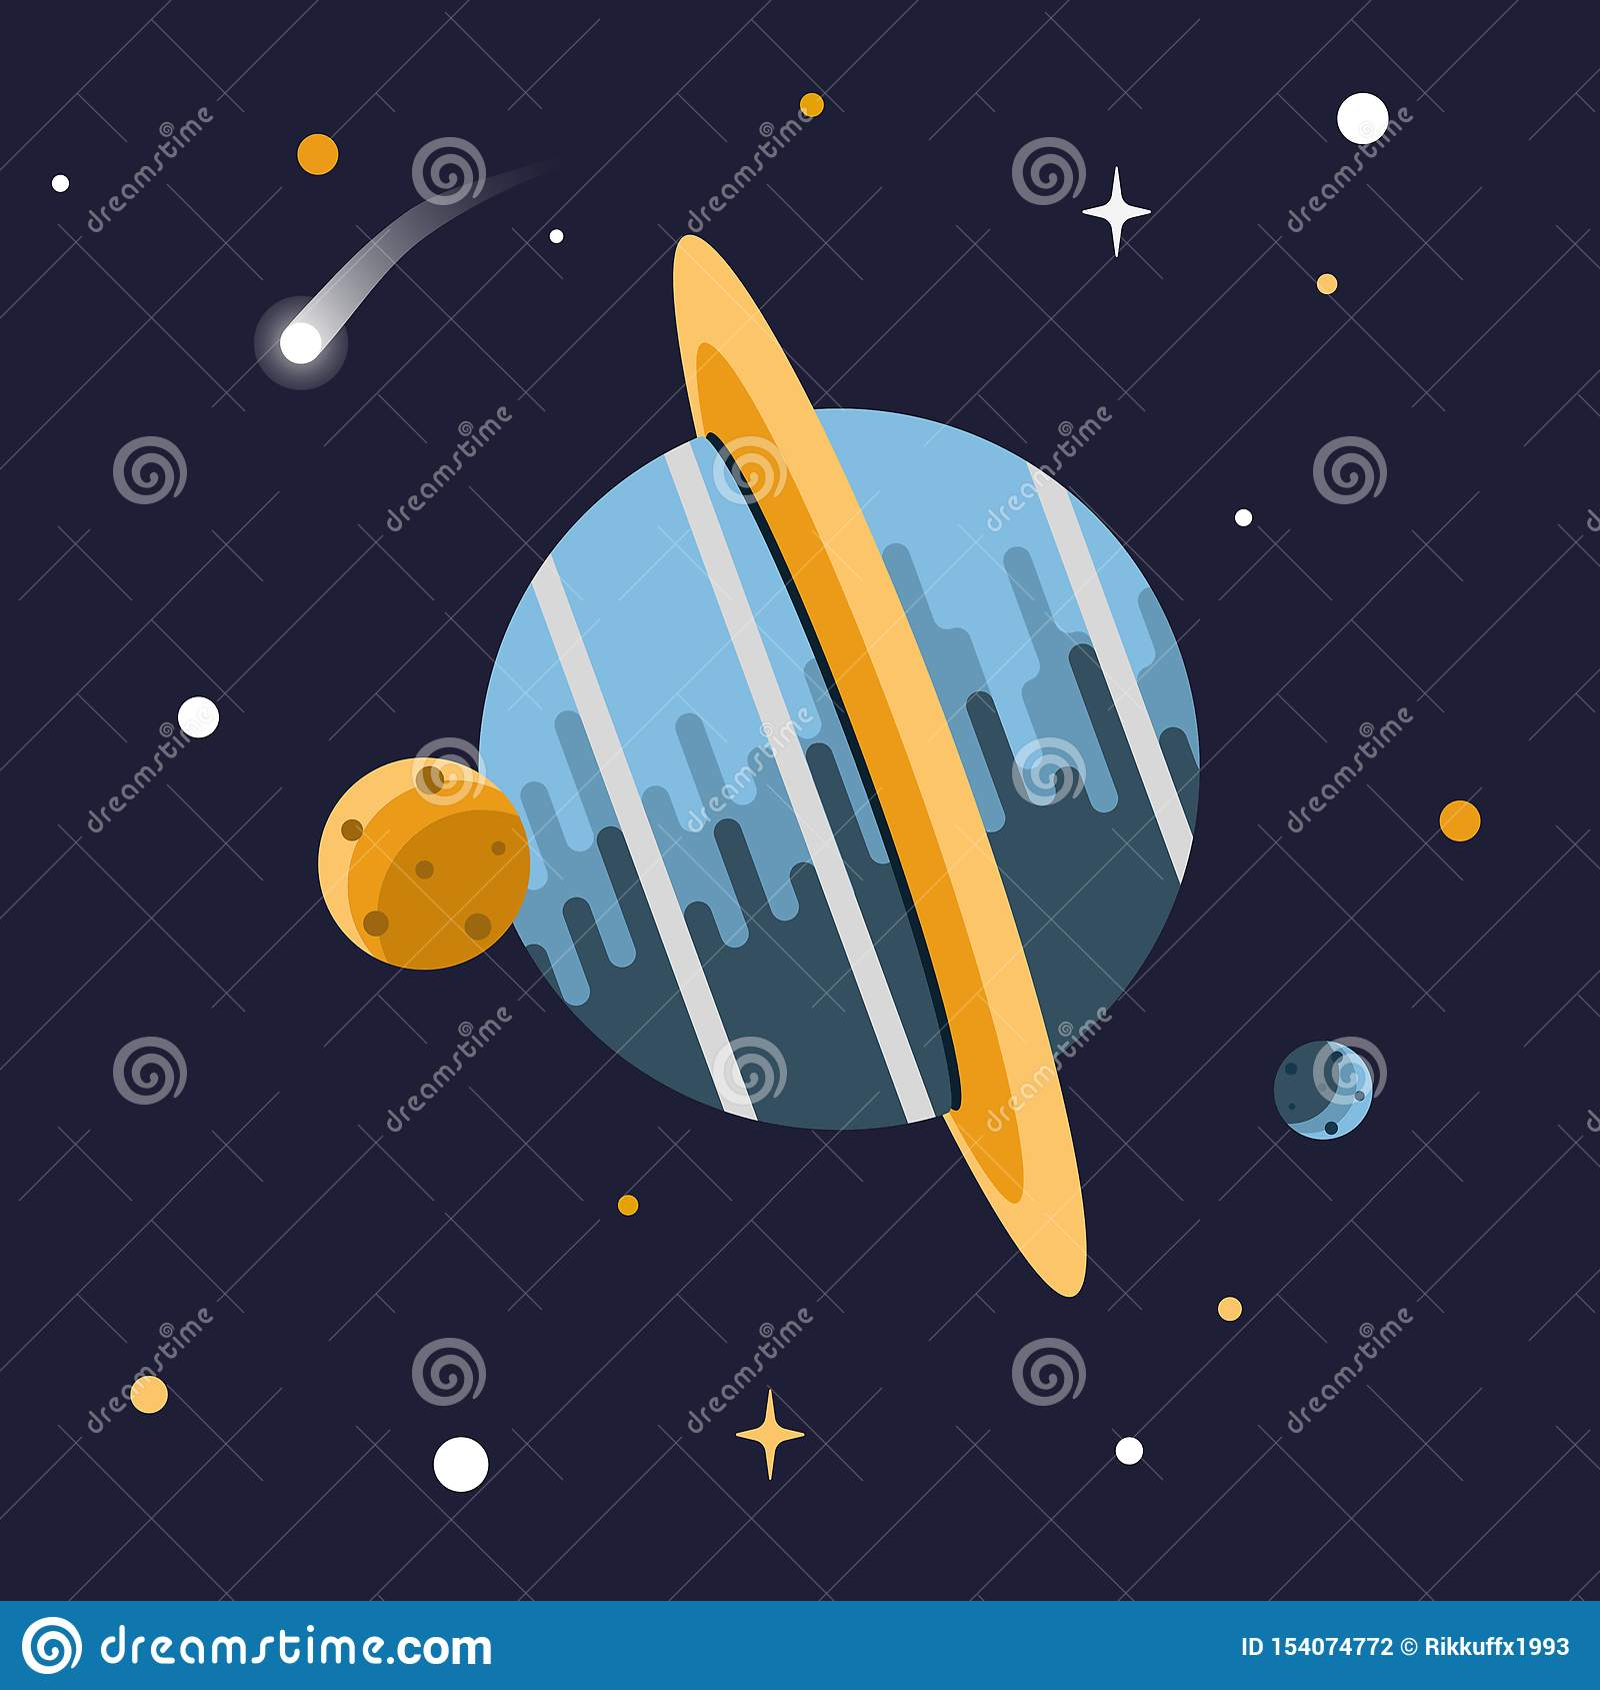 Illustration av en planet och månar i utrymme med skinande stjärnor